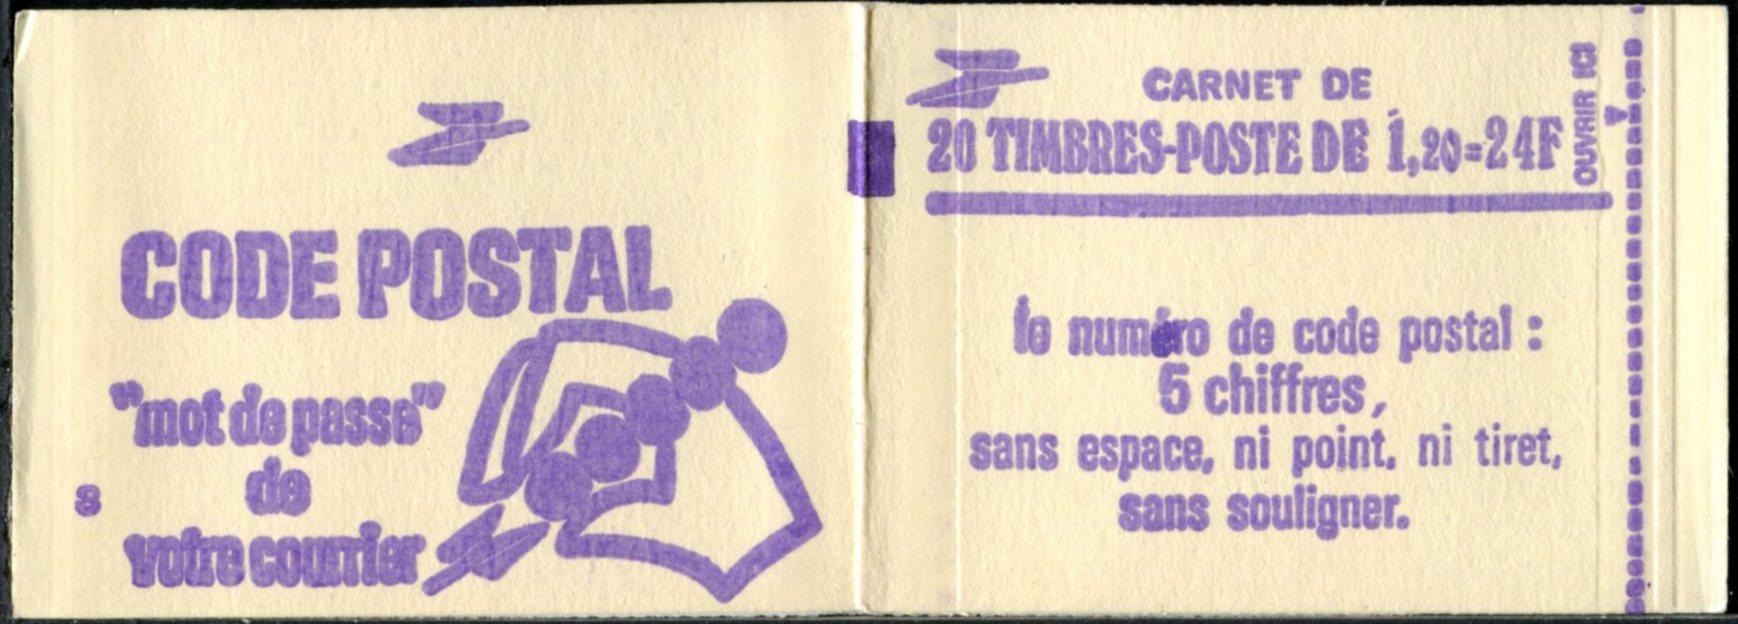 2101-C1b - ACCP 538AA - carnet de 20 timbres avec le nouveau logo de la Poste